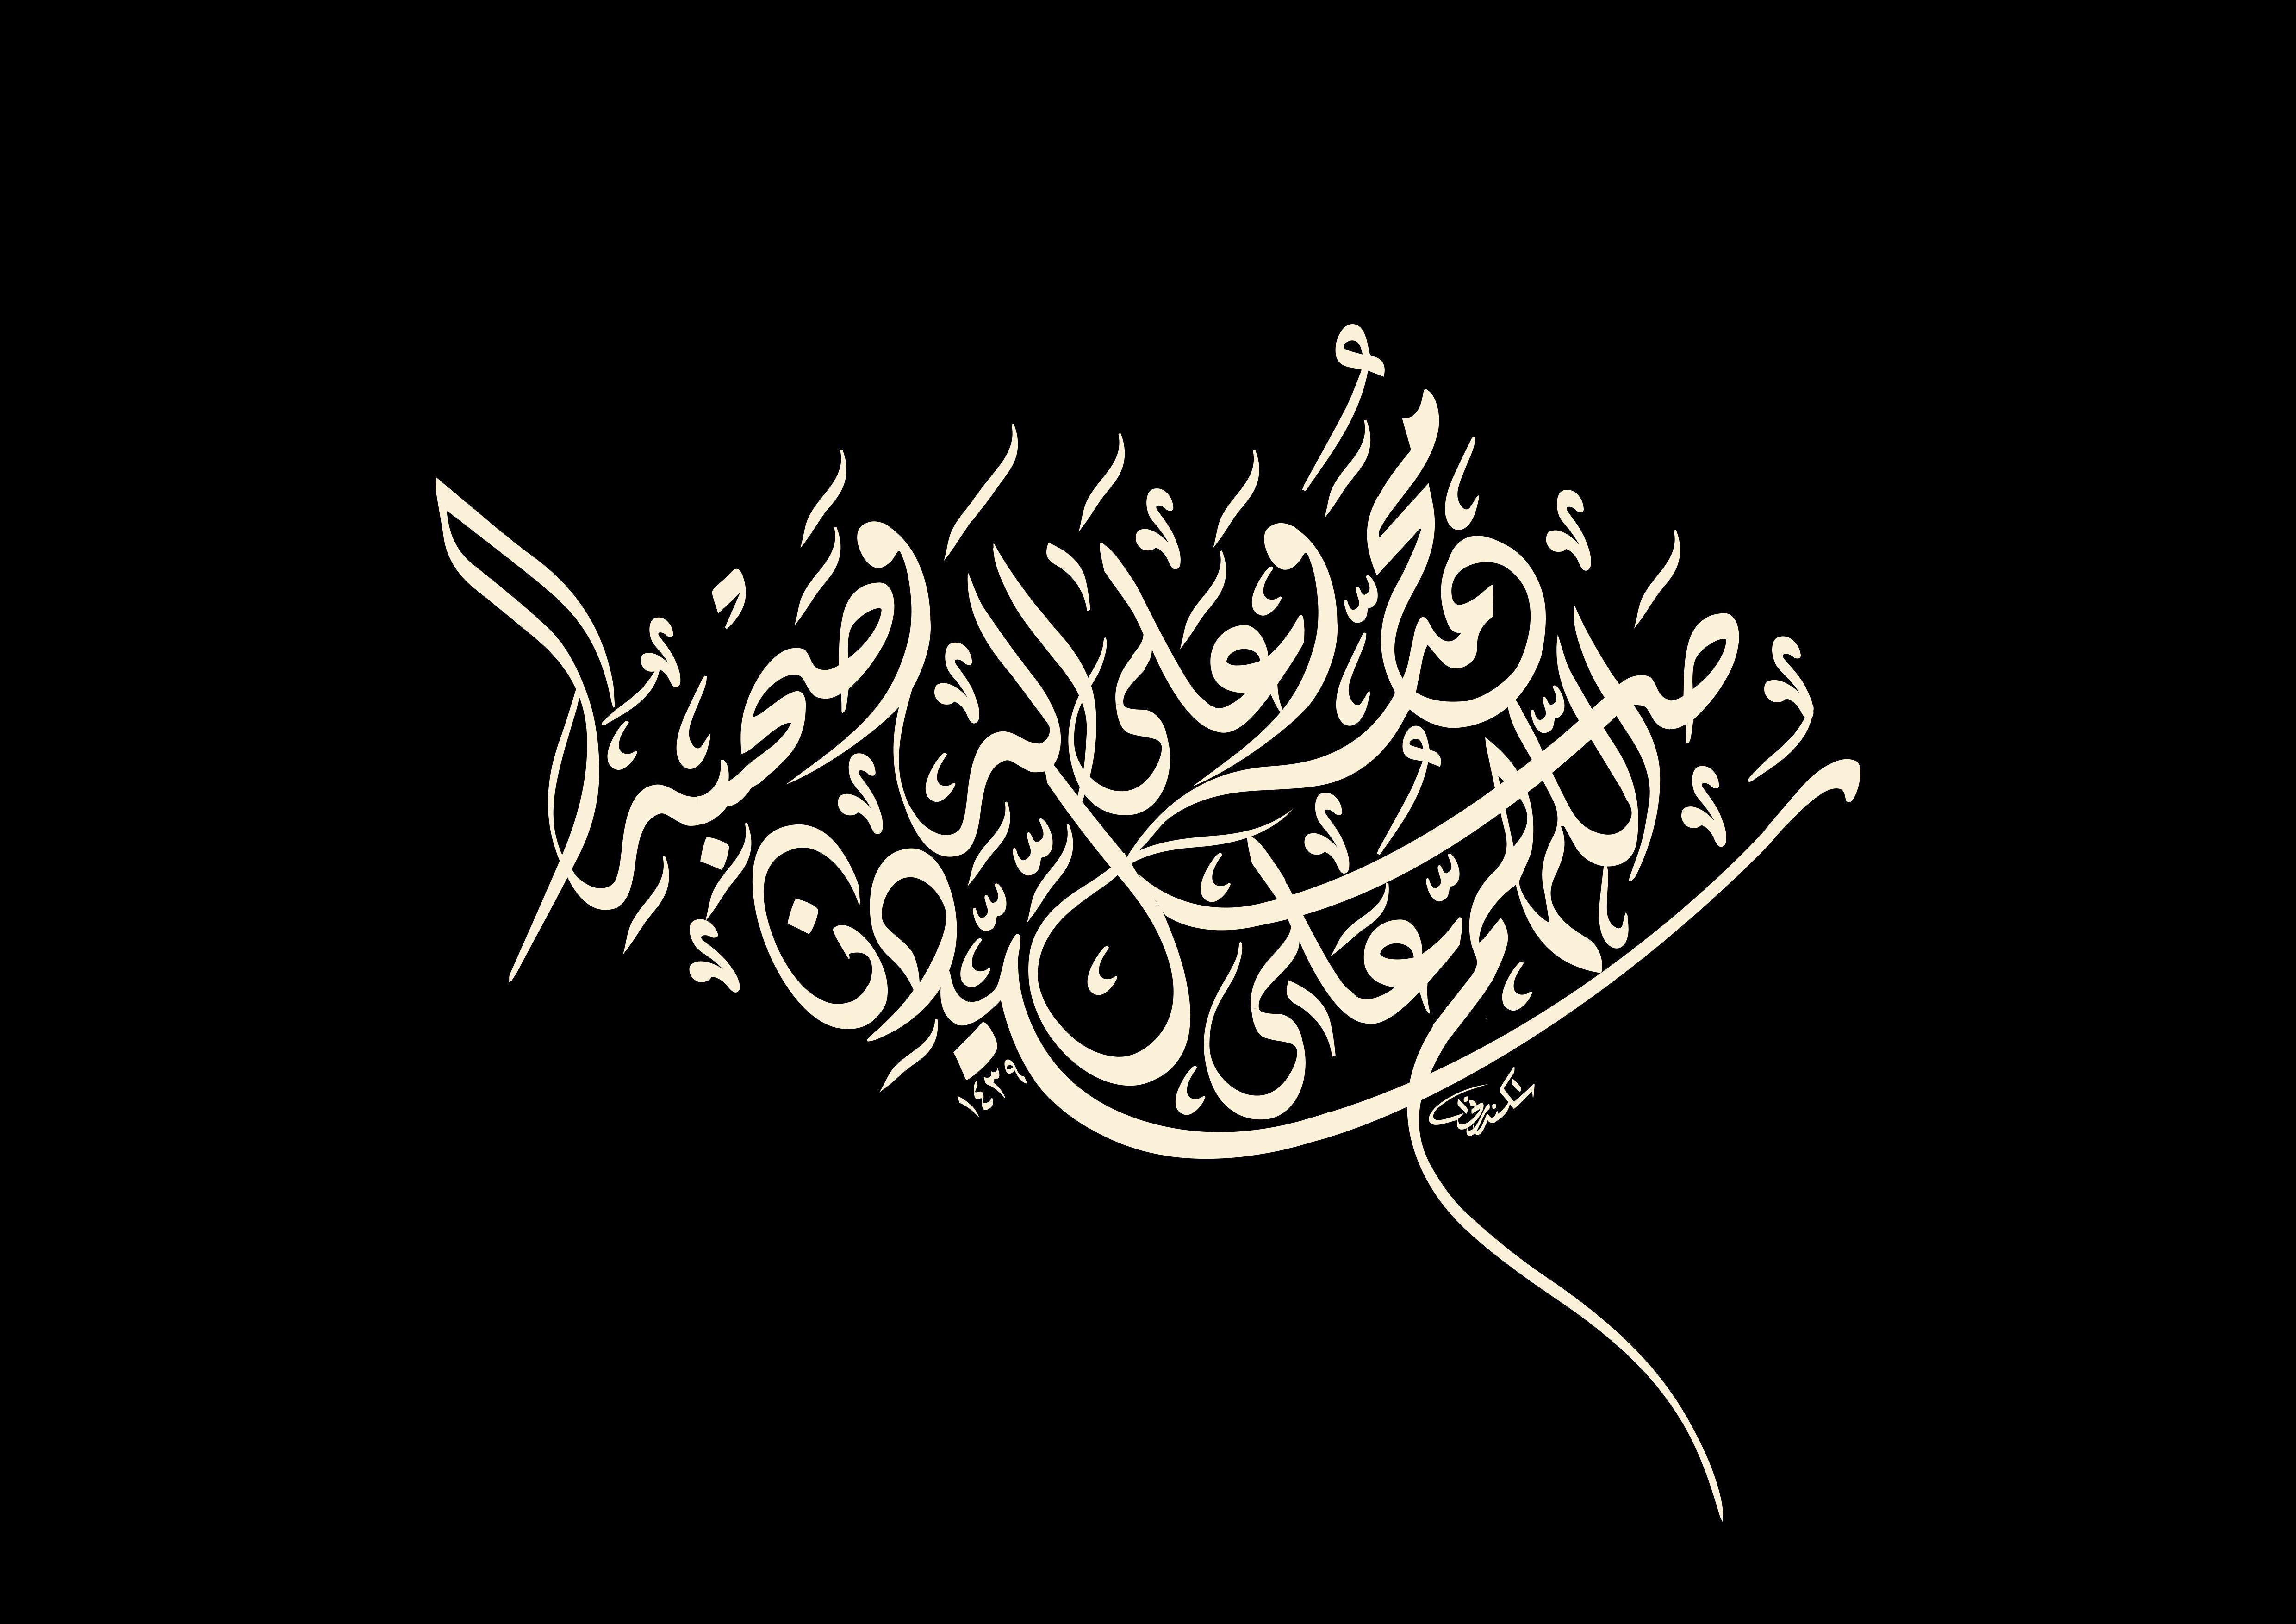 اللهم صل علي سيدنا محمد وعلى آله وصحبه ديواني بخط احمد اسكندراني Islamic Art Arabic Calligraphy Neon Signs